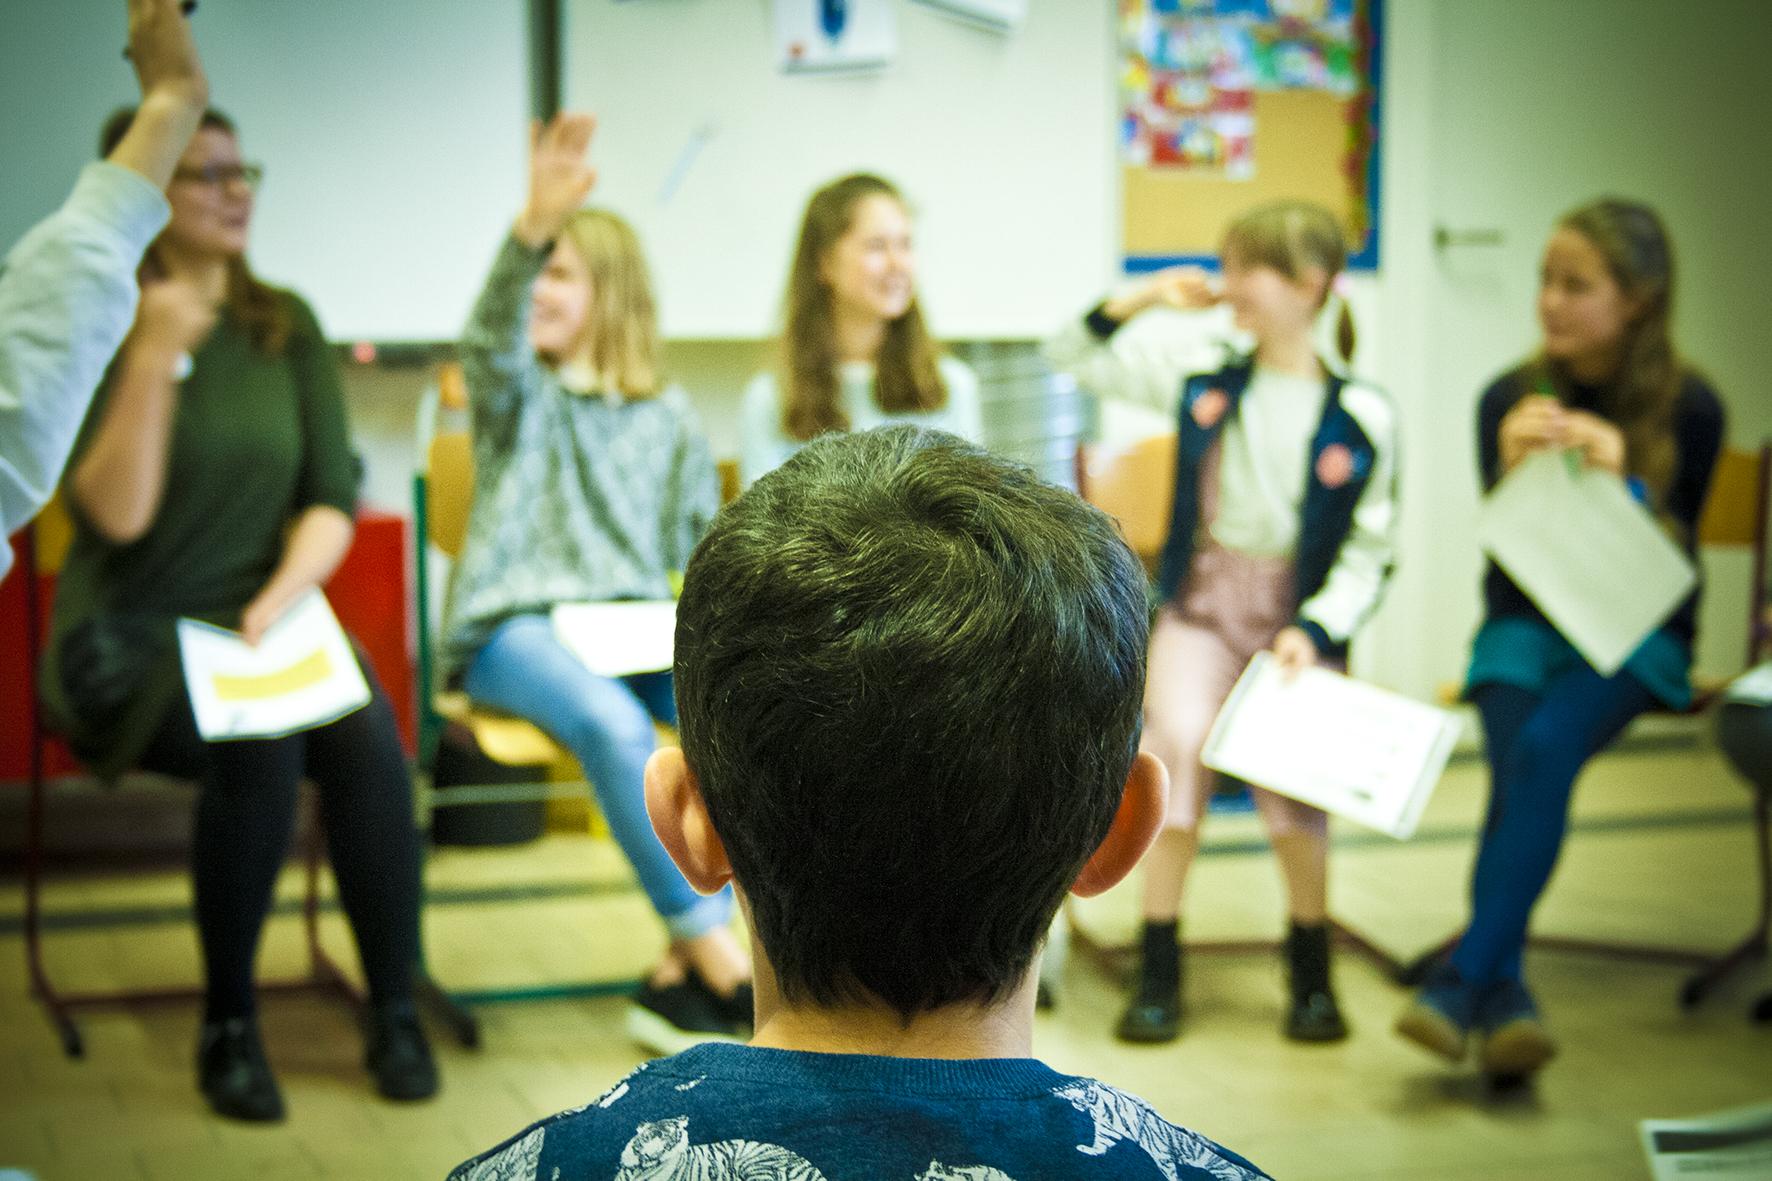 Seksuele opvoeding lagere school dankzij onze experten, die kinderen met elkaar in gesprek laat gaan over liefde, relaties, seksualiteit en alles wat daarbij hoort.